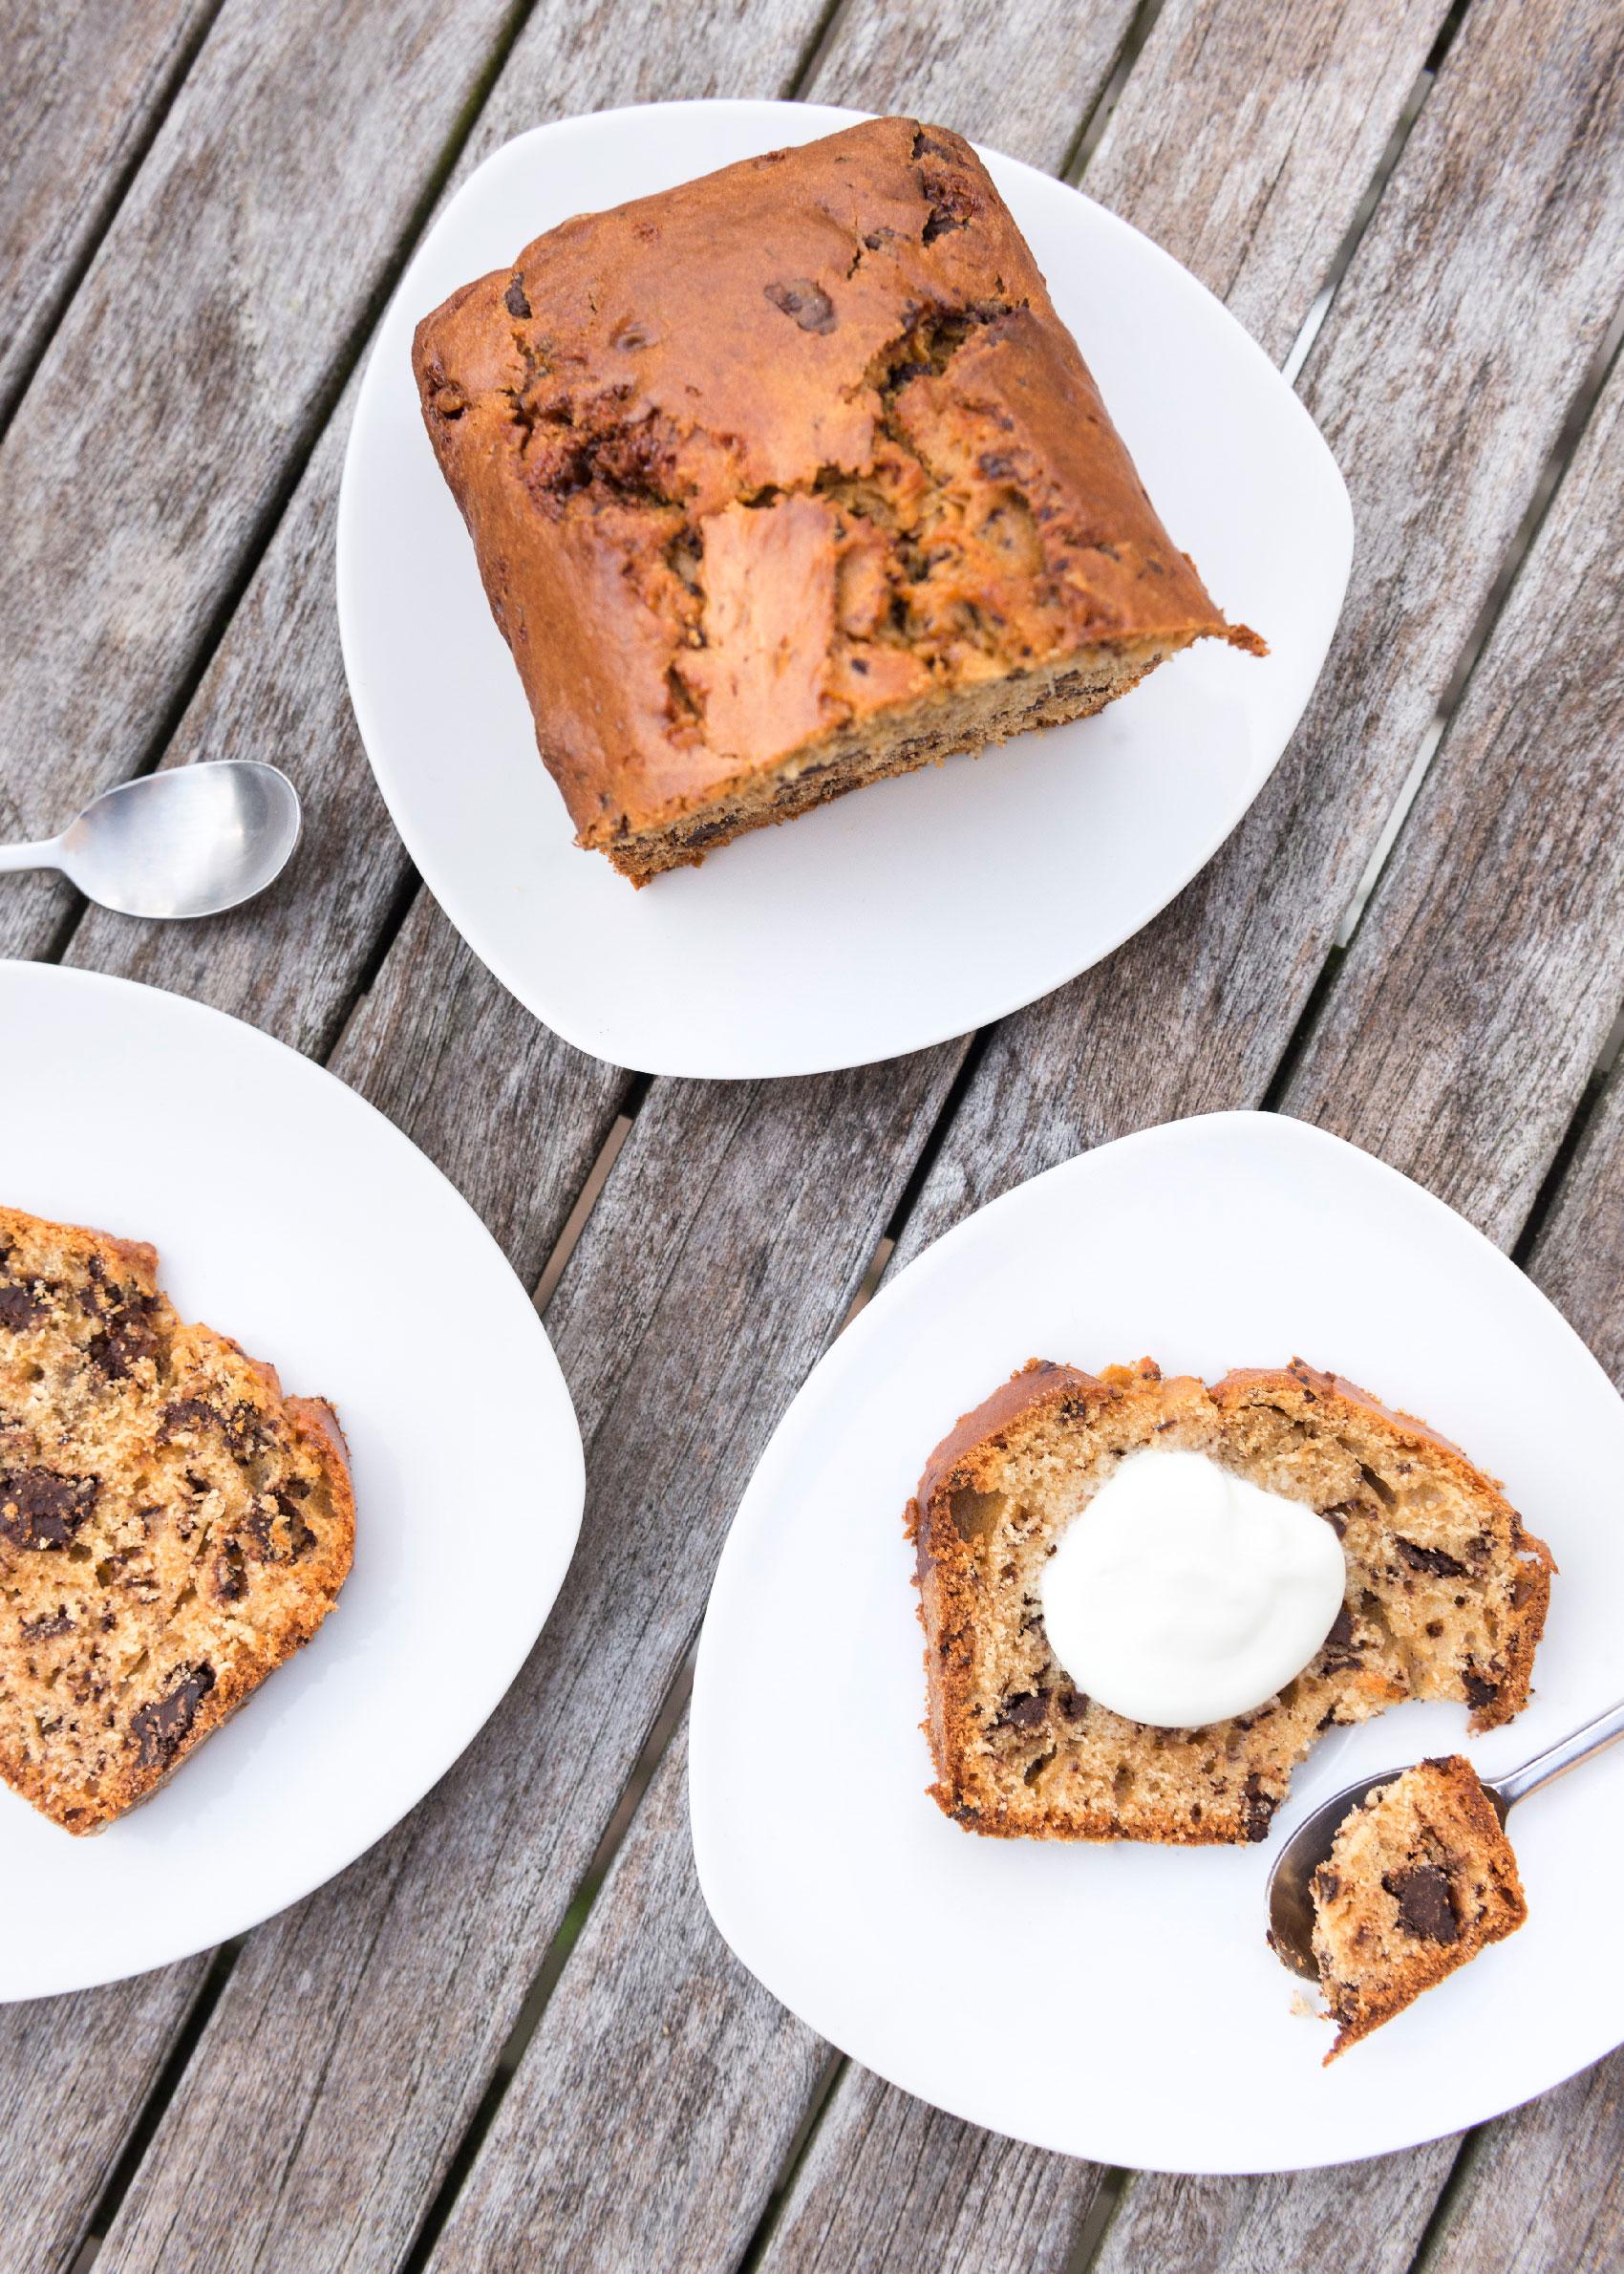 Gâteau au yaourt de Brebis et chocolat, vu du dessus.